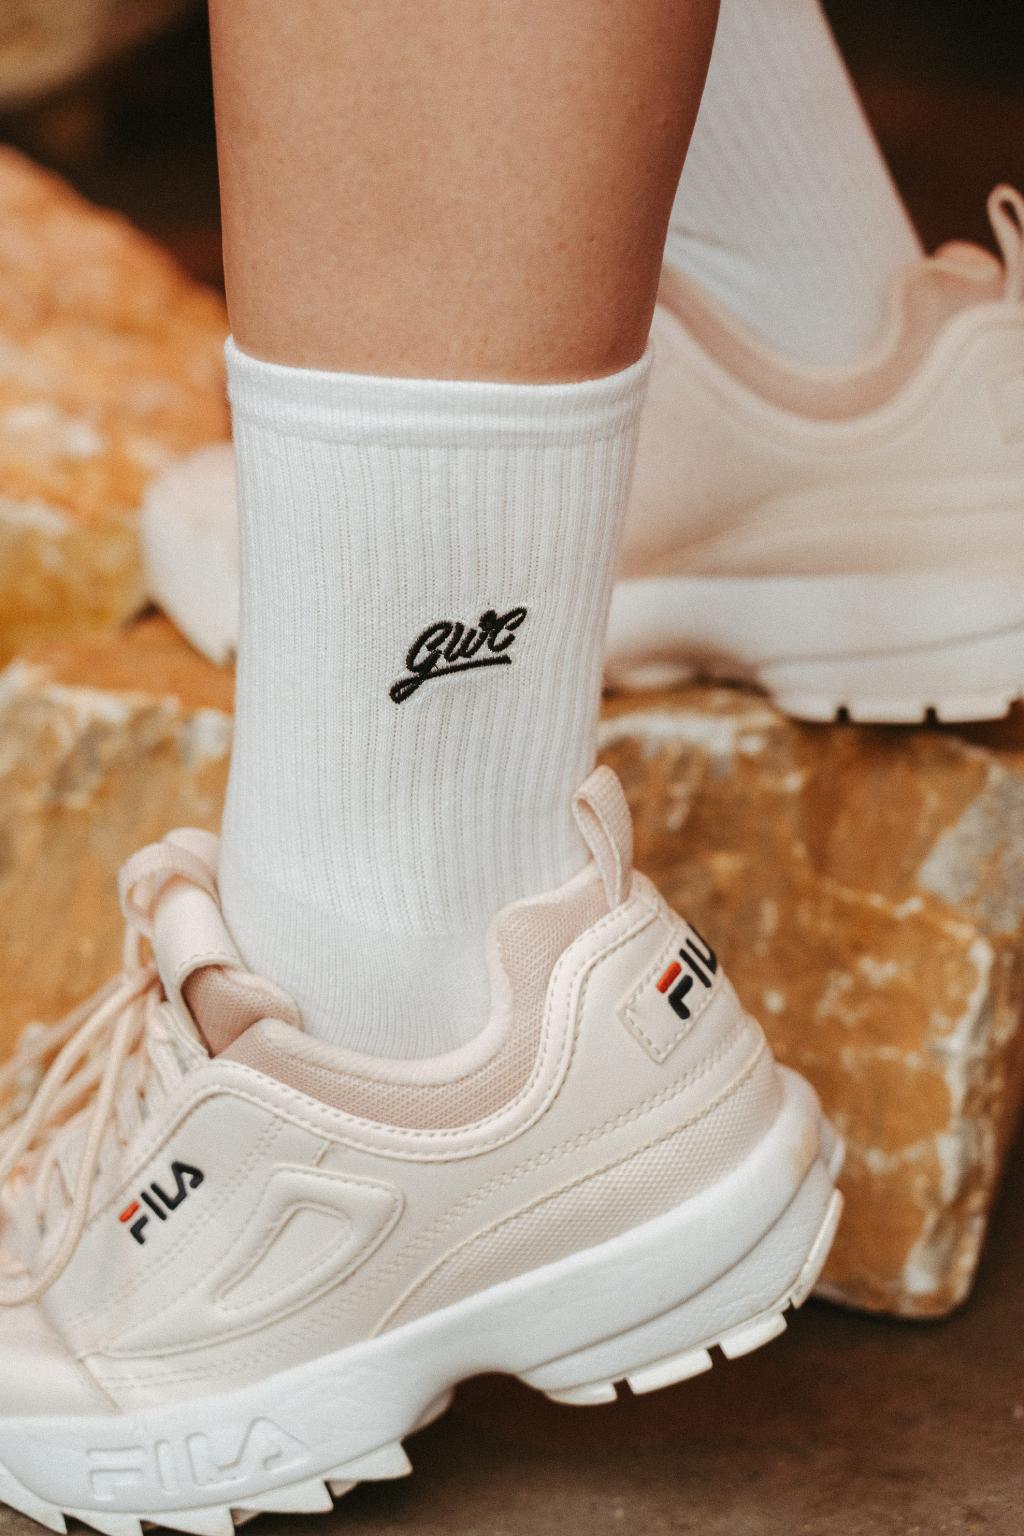 Ponožky, které pomáhají - white